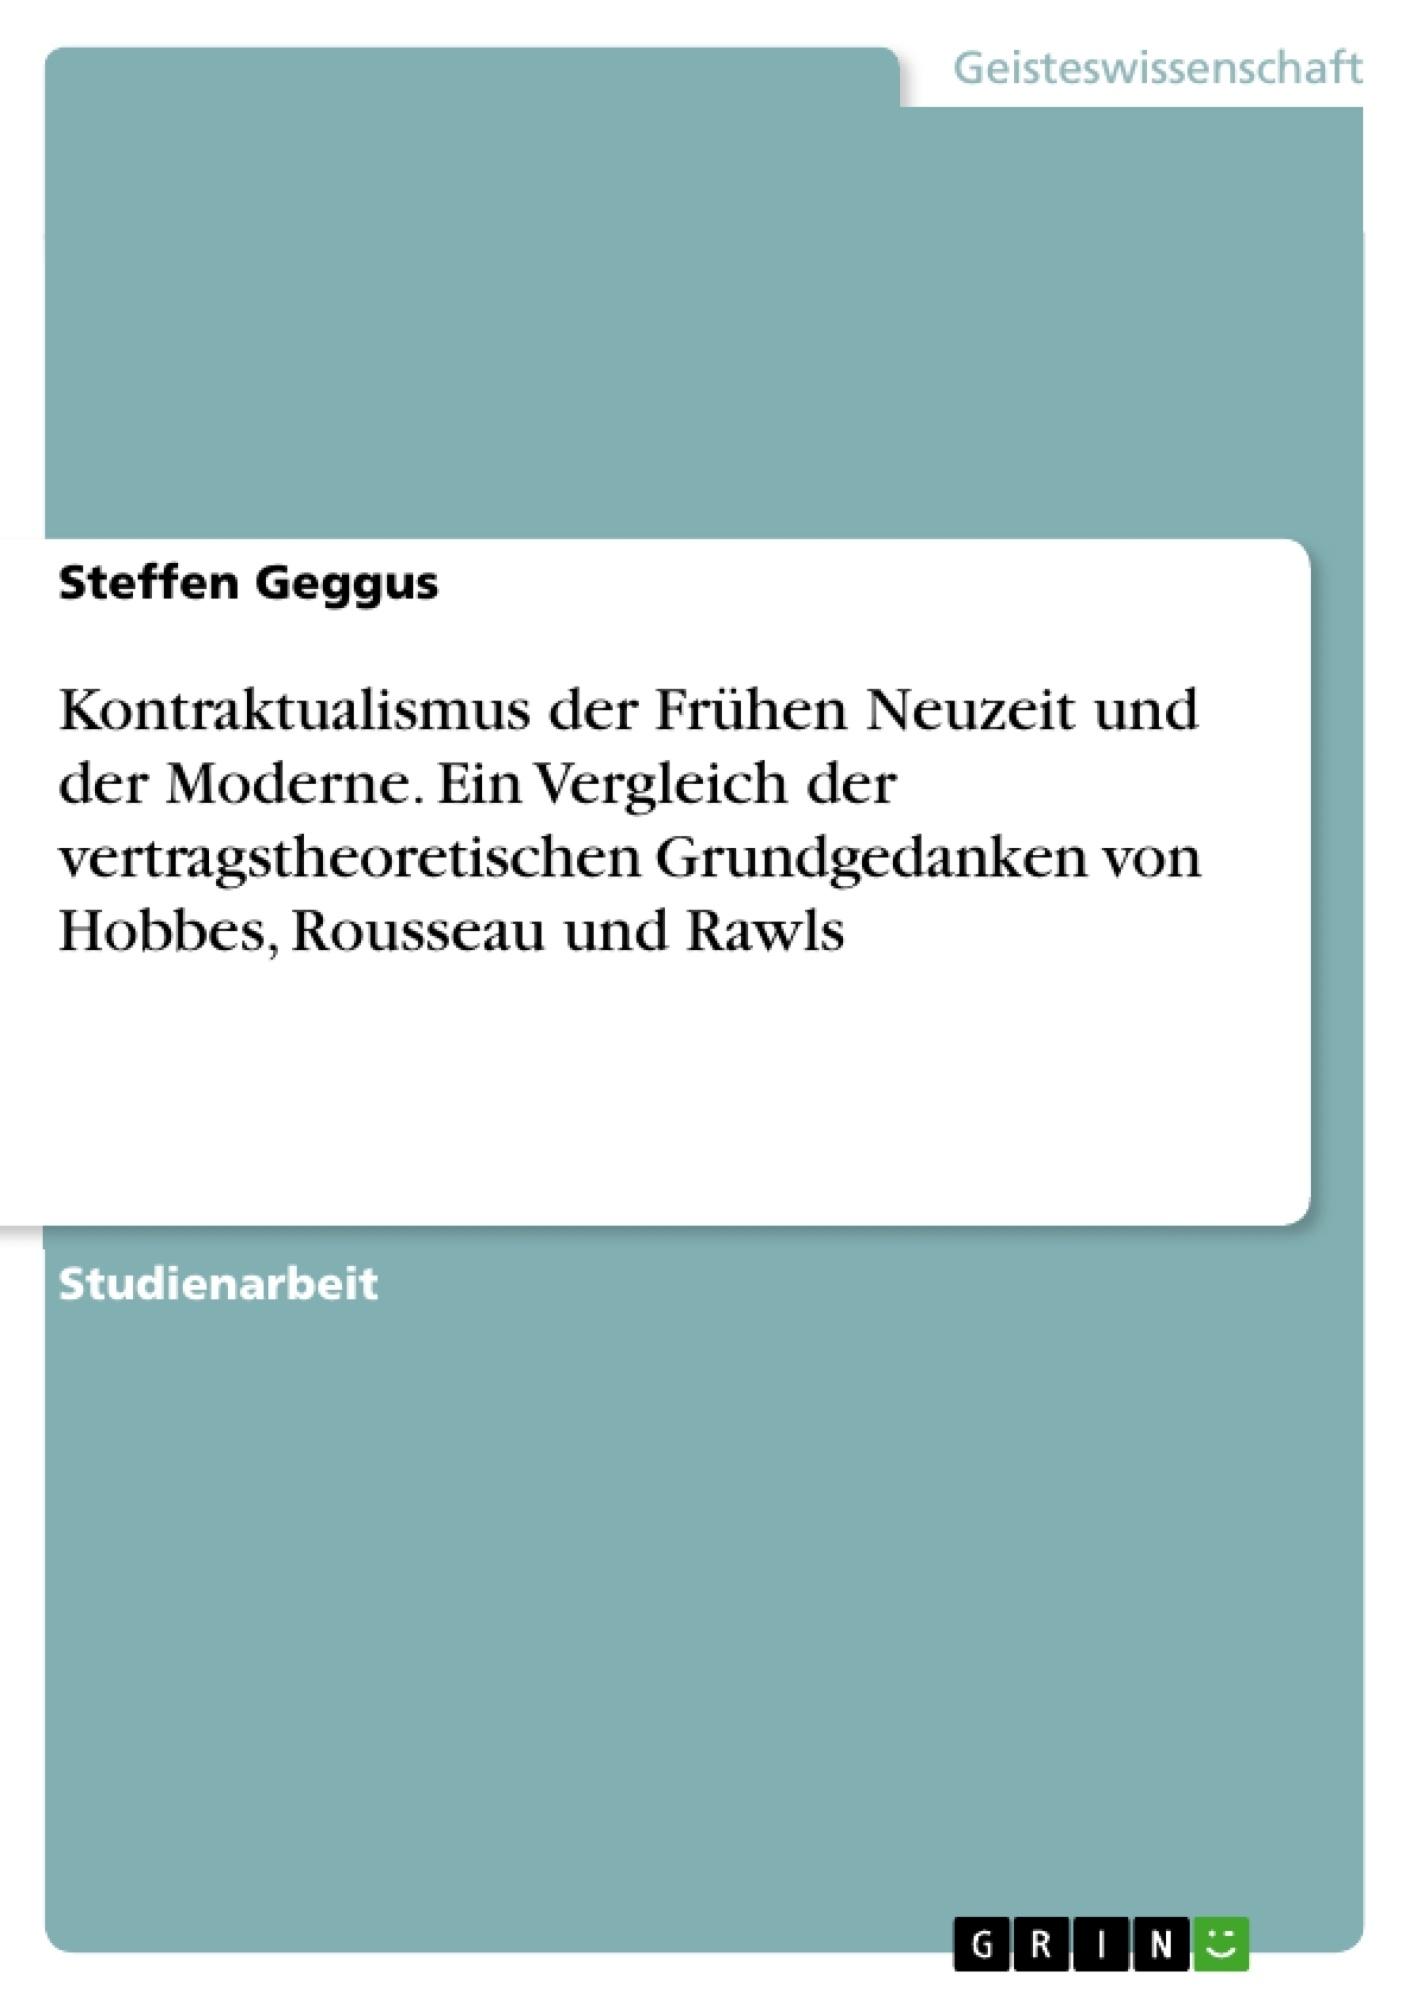 Titel: Kontraktualismus der Frühen Neuzeit und der Moderne. Ein Vergleich der vertragstheoretischen Grundgedanken von Hobbes, Rousseau und Rawls